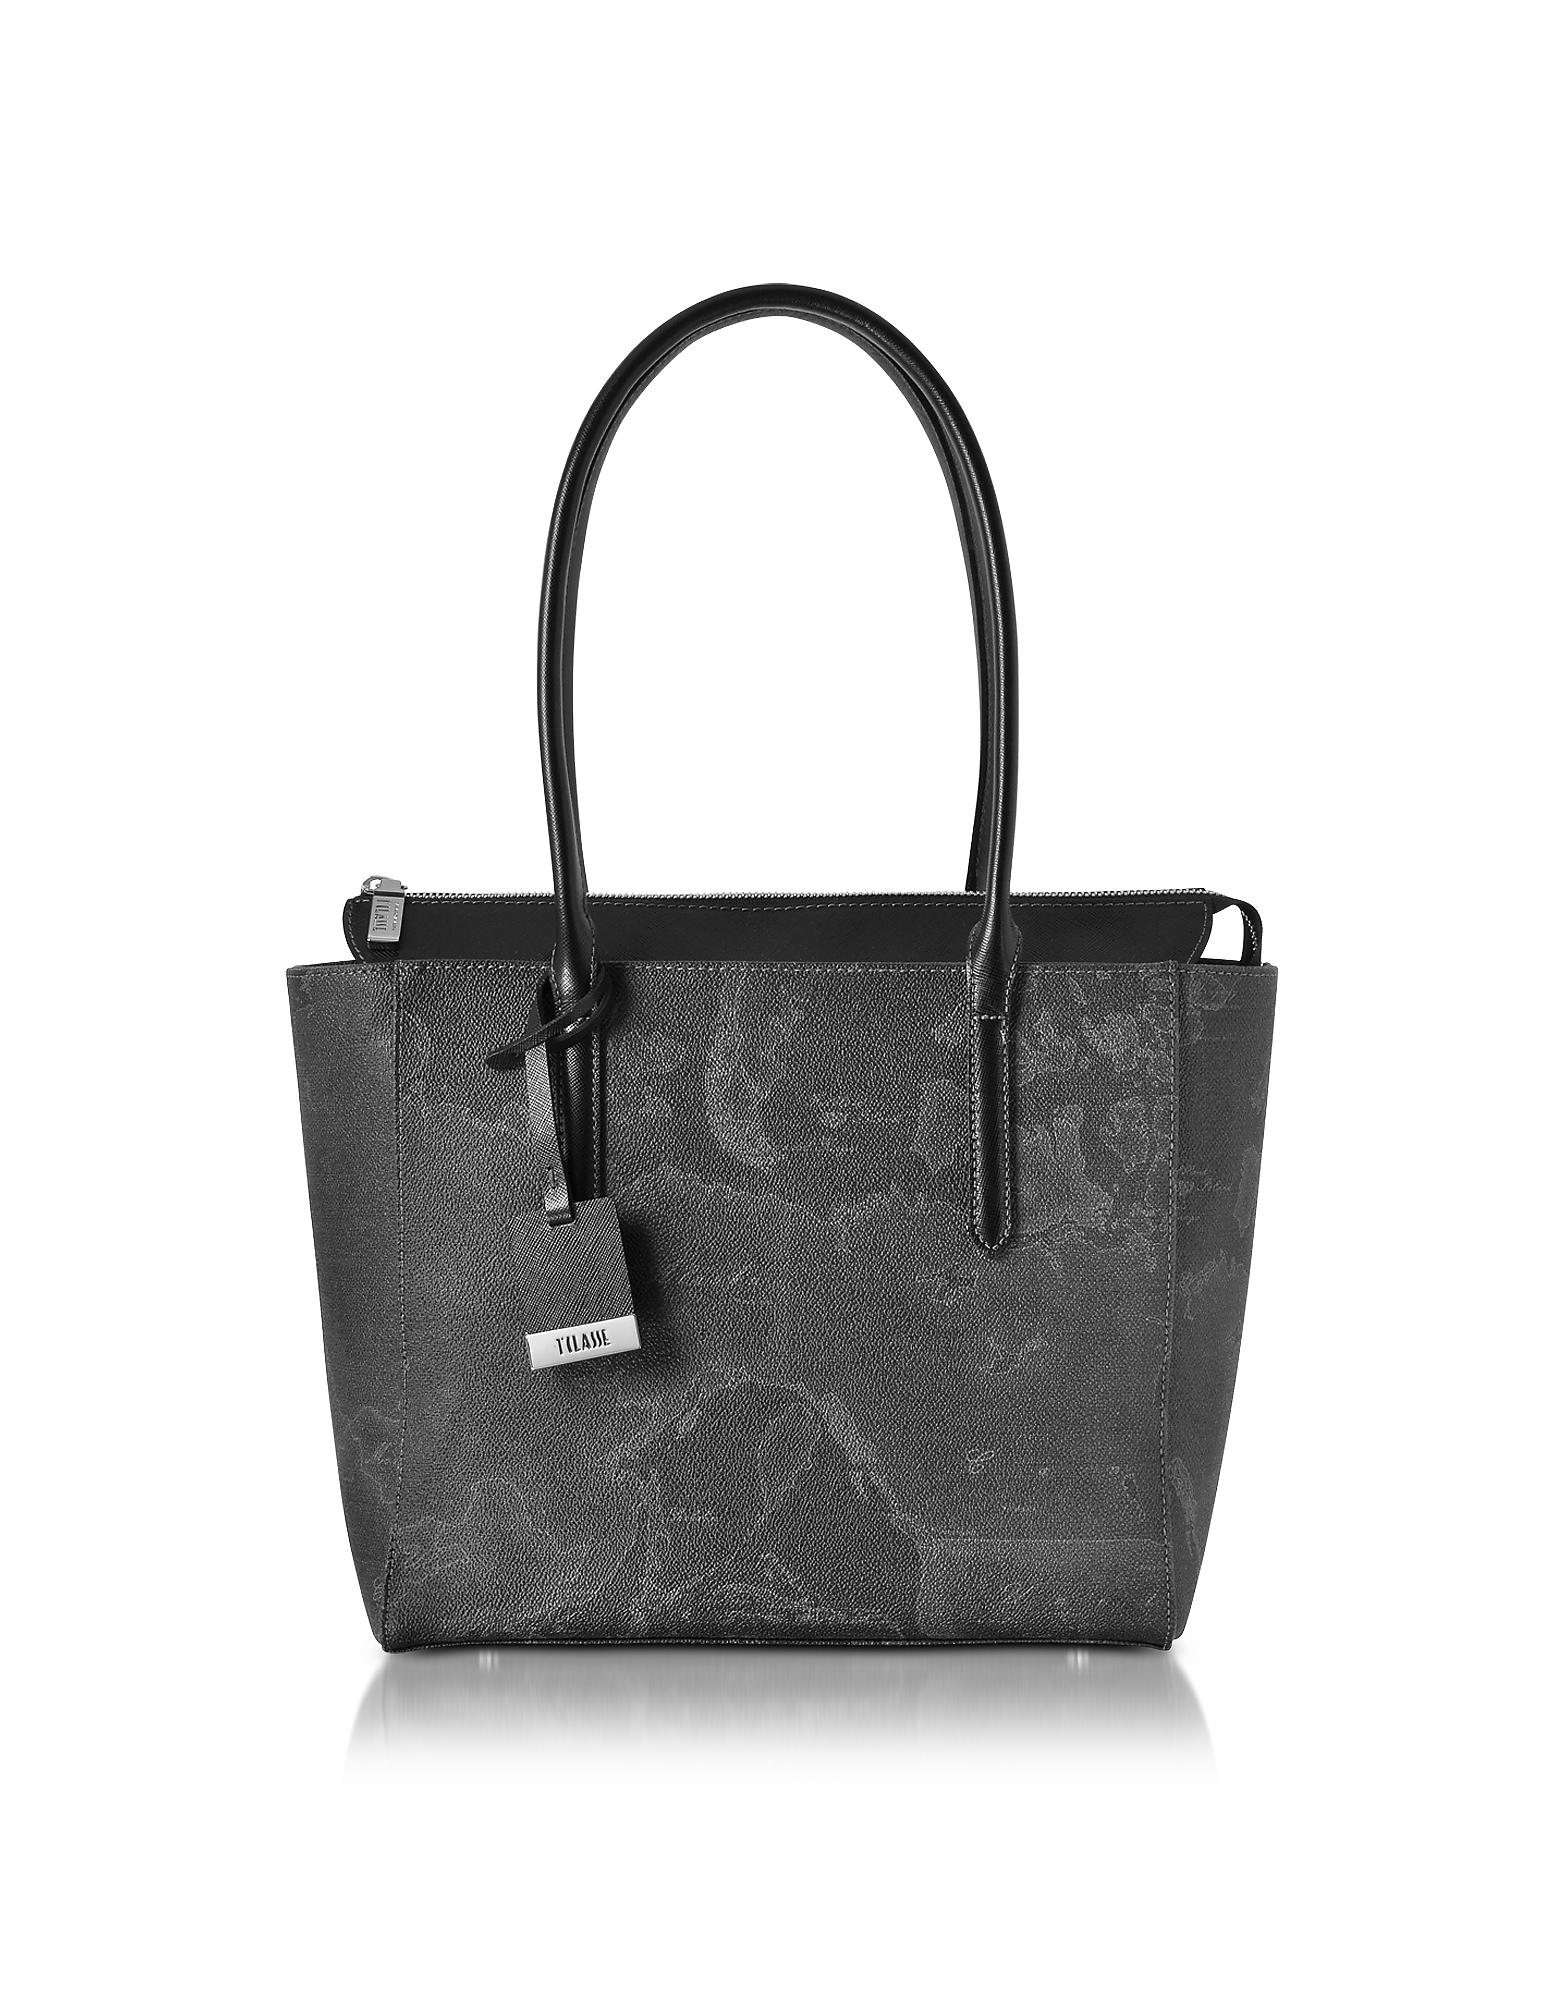 Alviero Martini 1A Classe Handbags, Medium Geo Black Tote